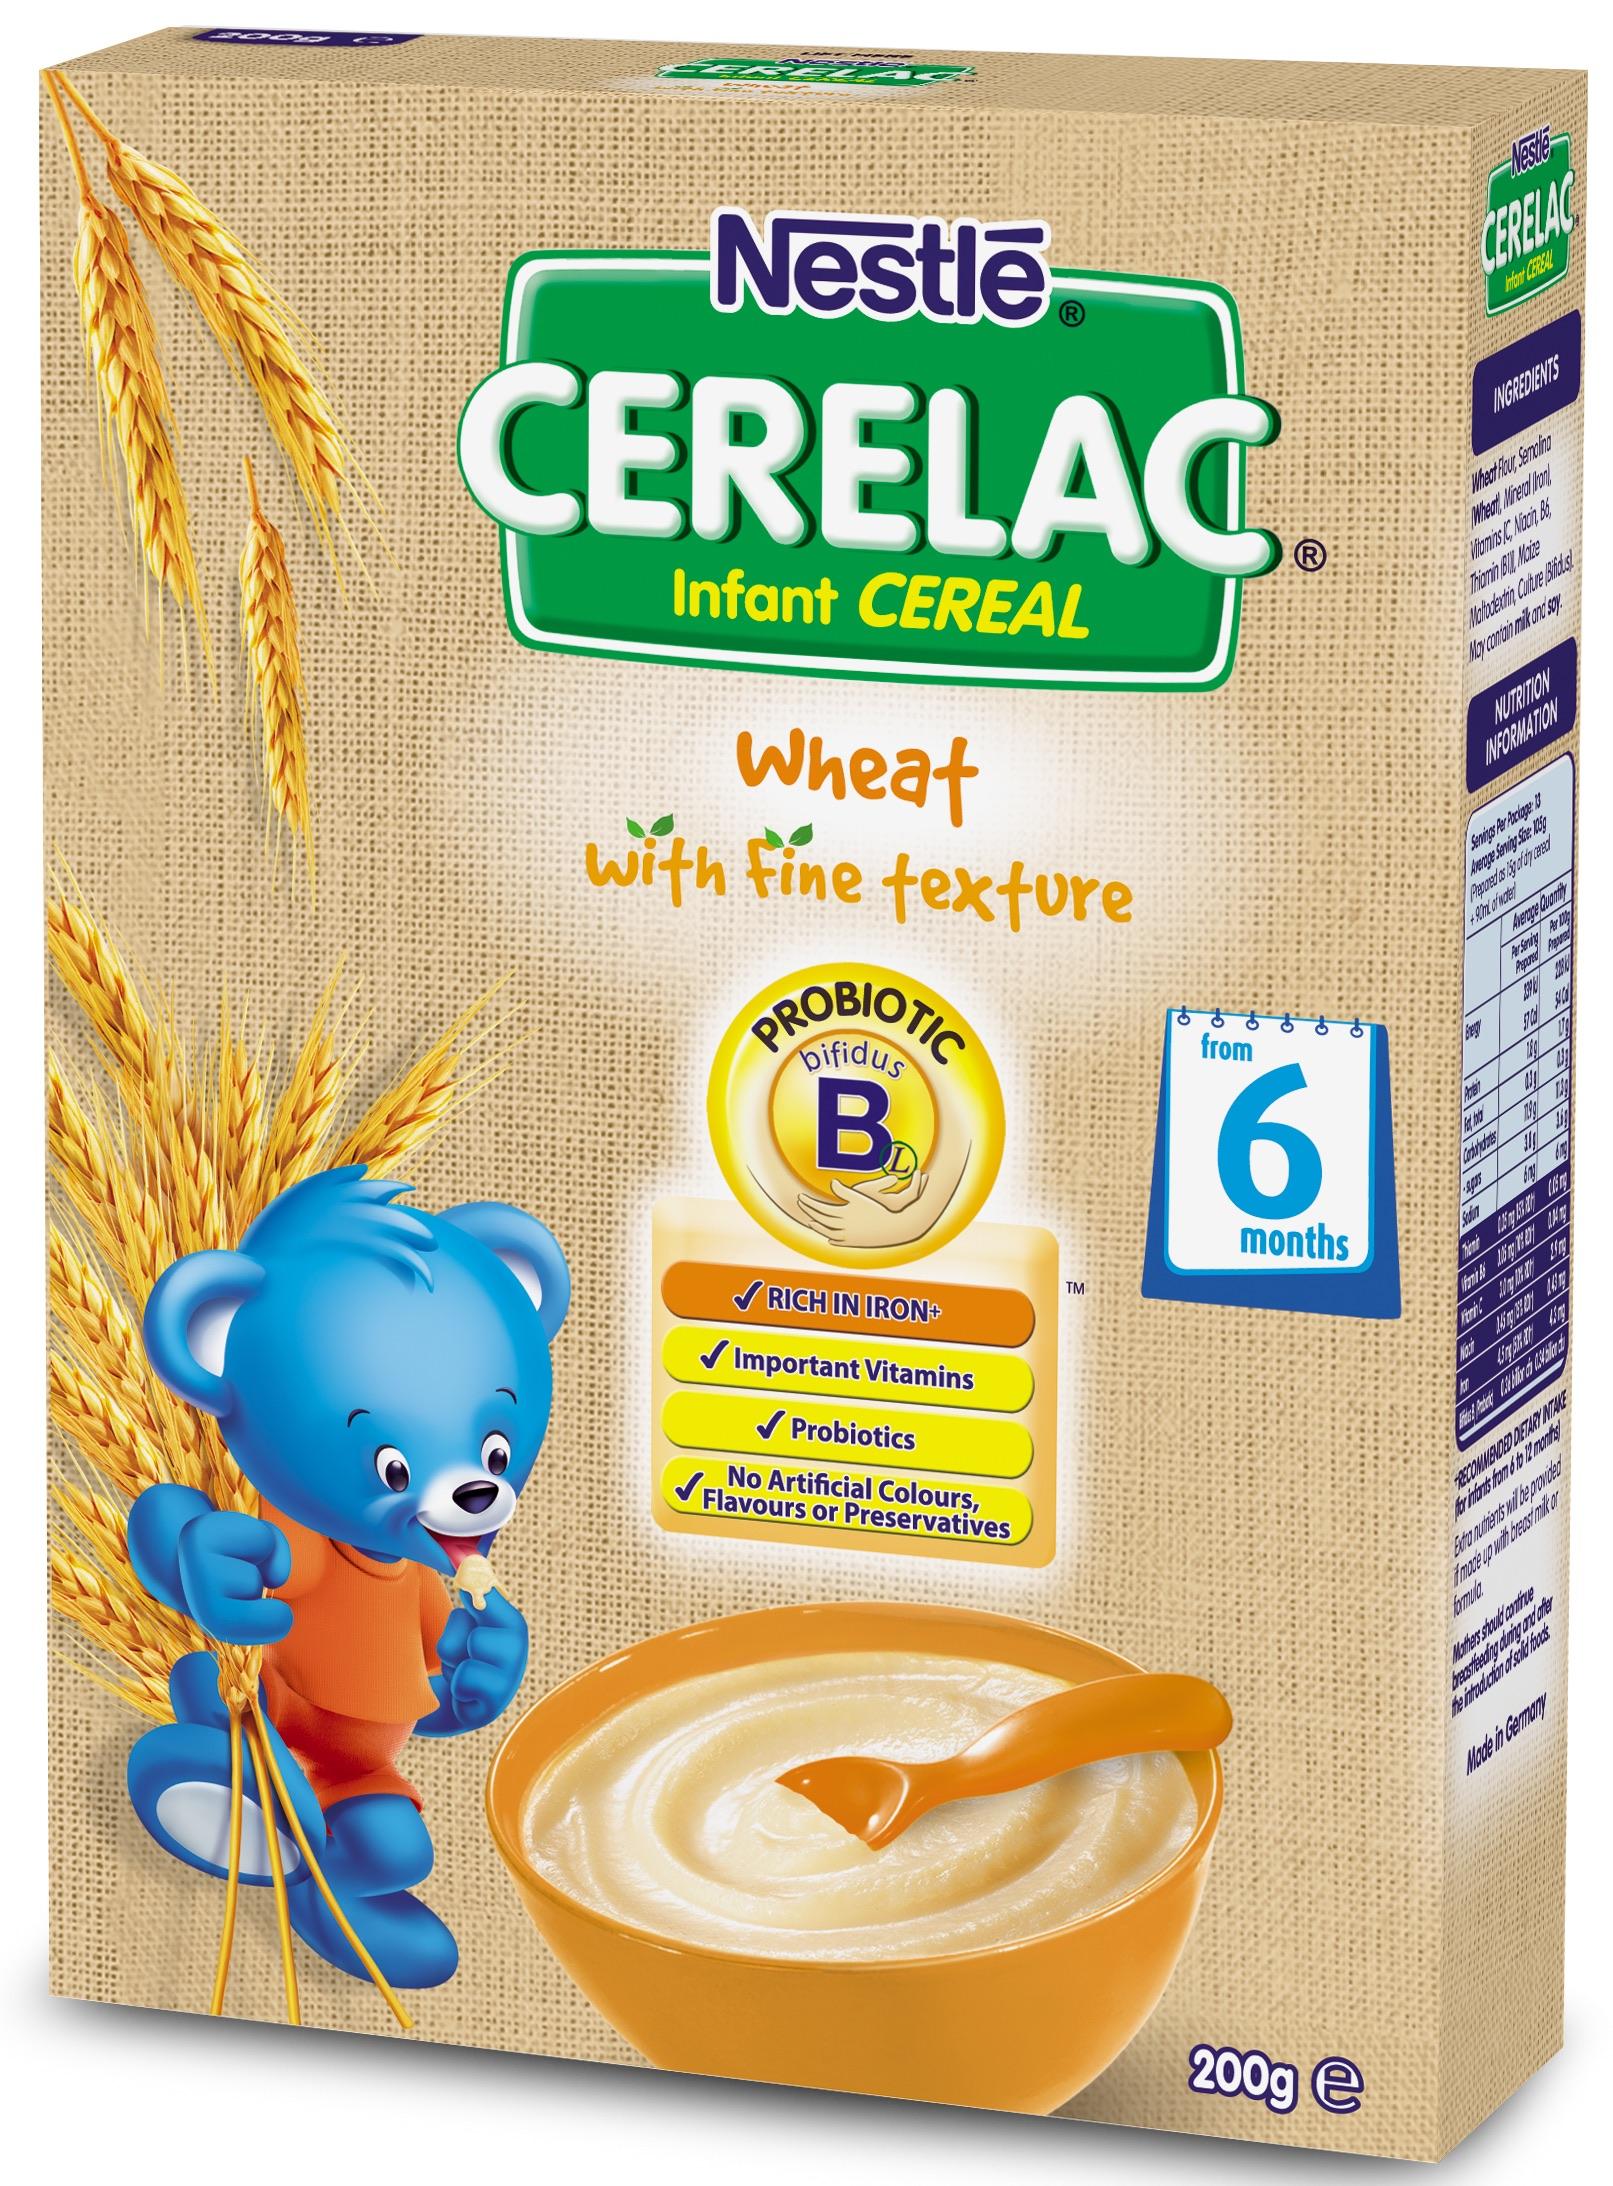 Nestl 233 Cerelac Infant Cereal Reviews Productreview Com Au